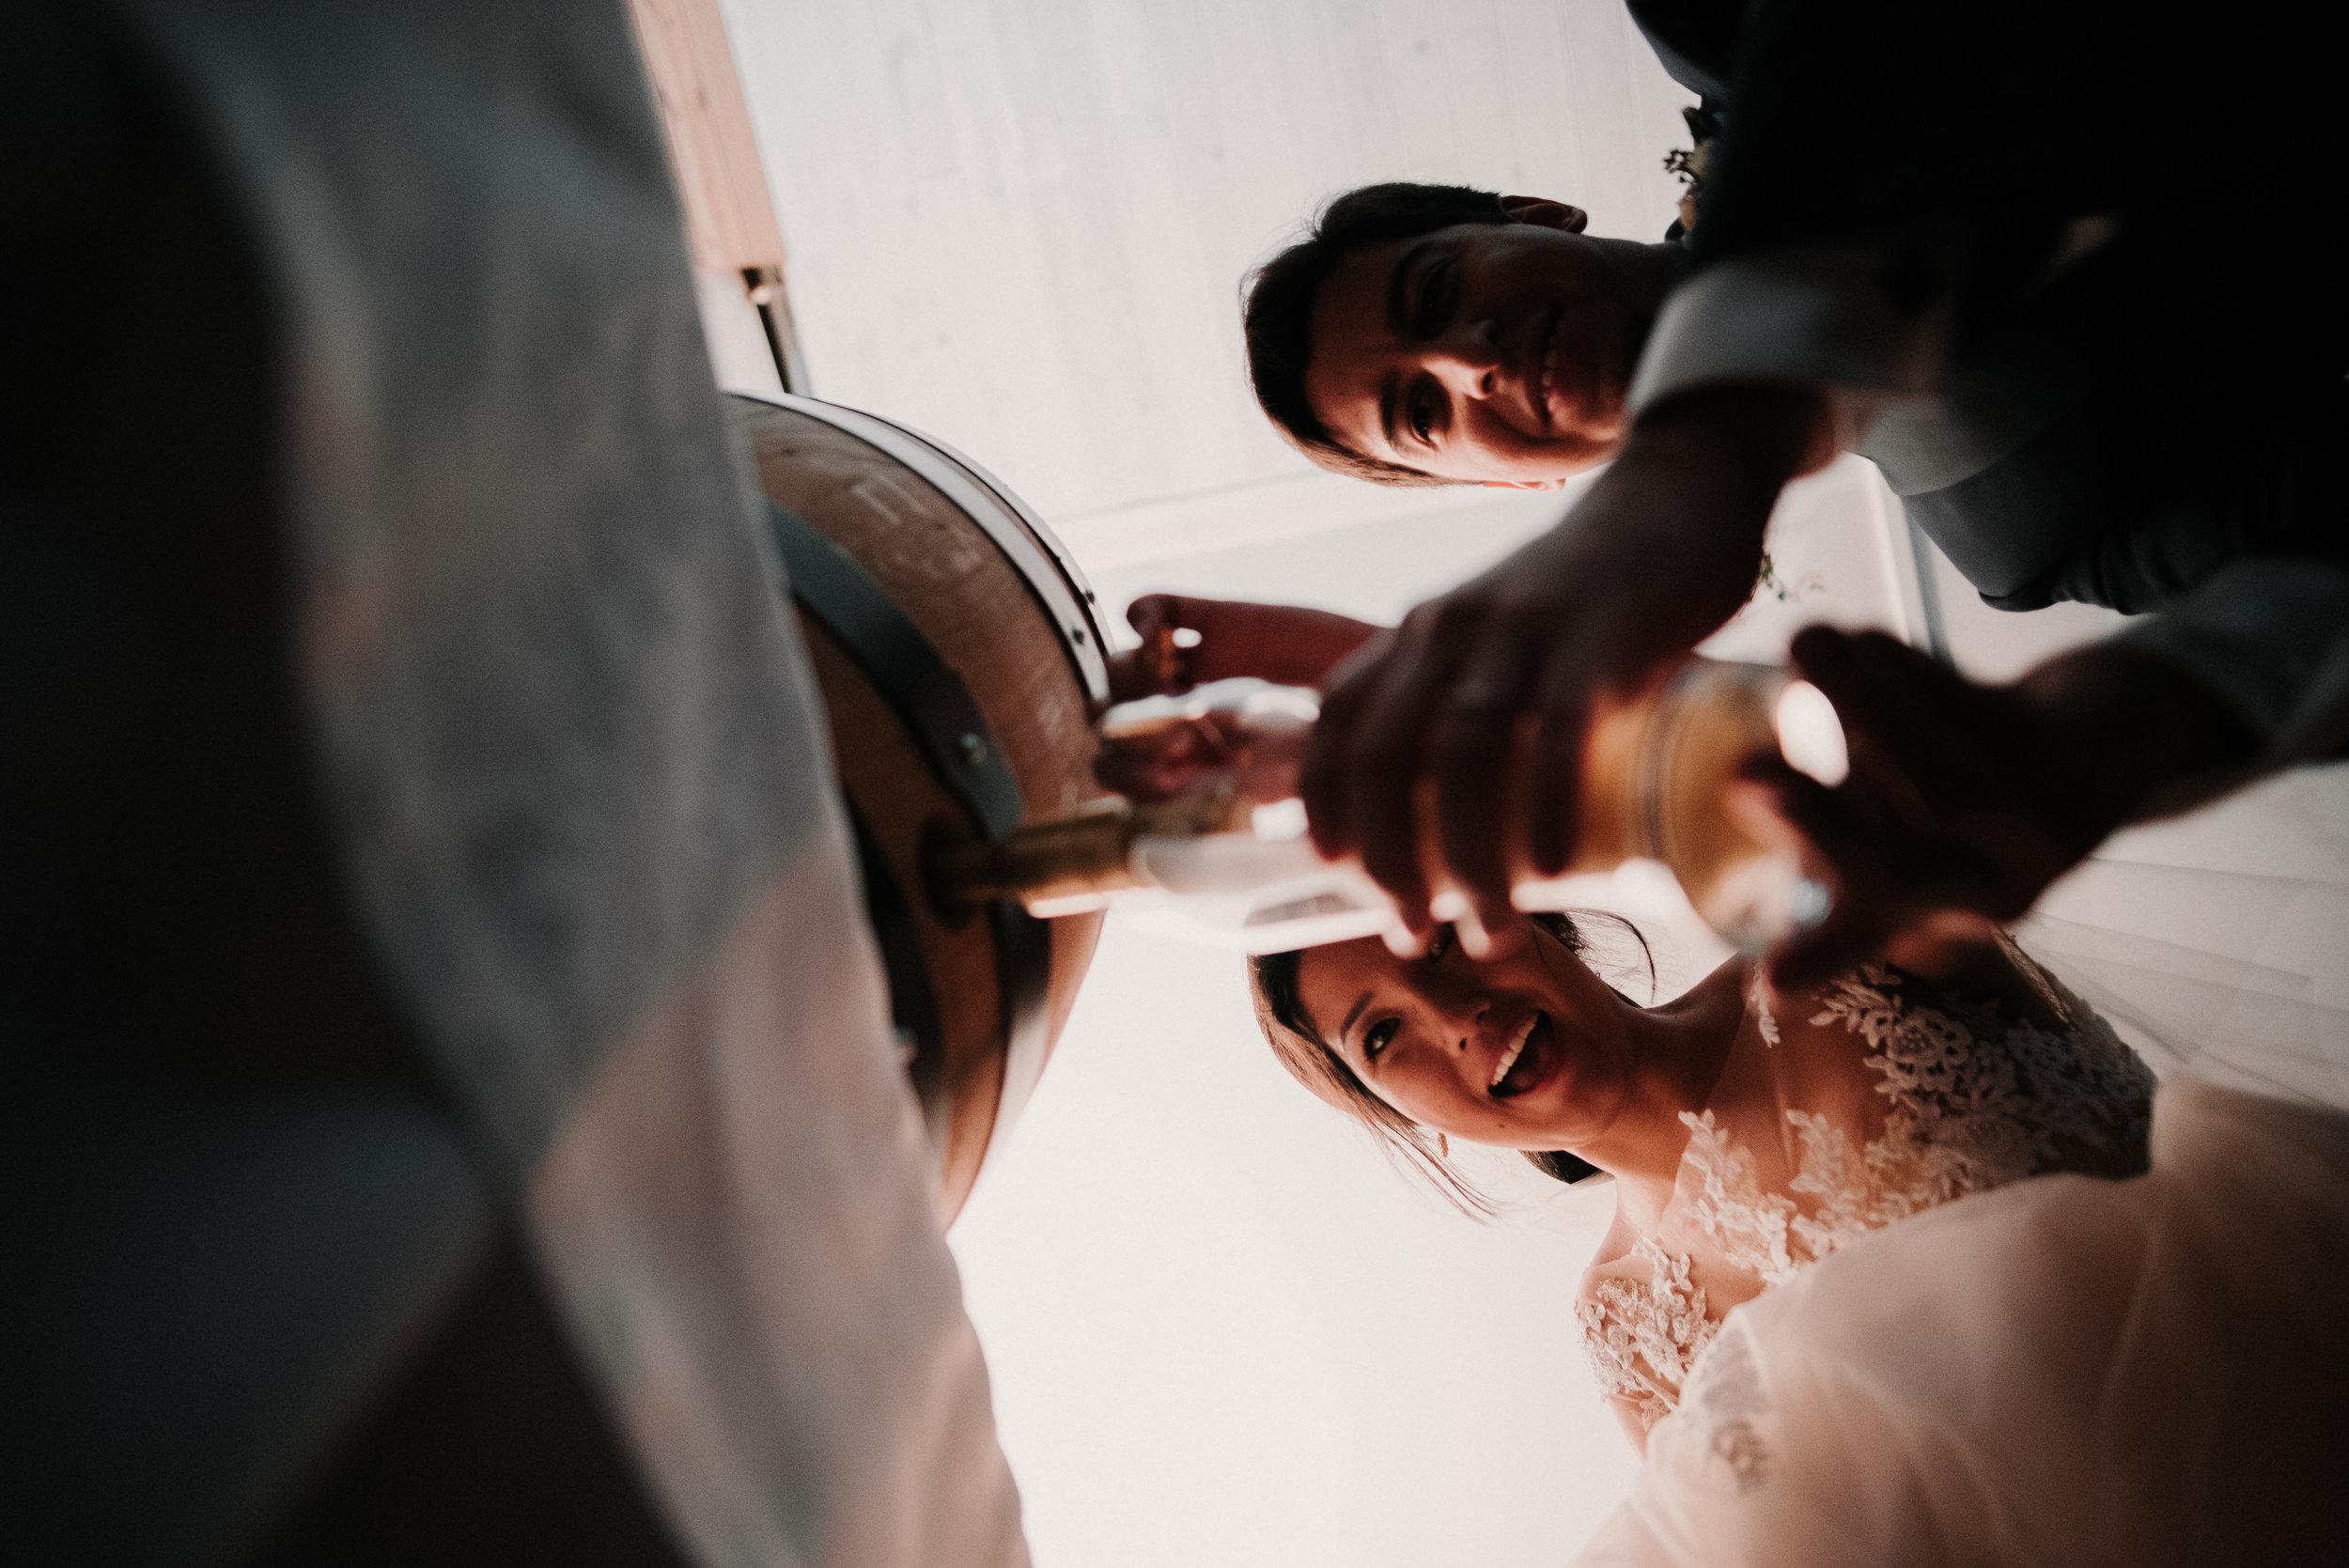 Léa-Fery-photographe-professionnel-lyon-rhone-alpes-portrait-creation-mariage-evenement-evenementiel-famille-2-82.jpg